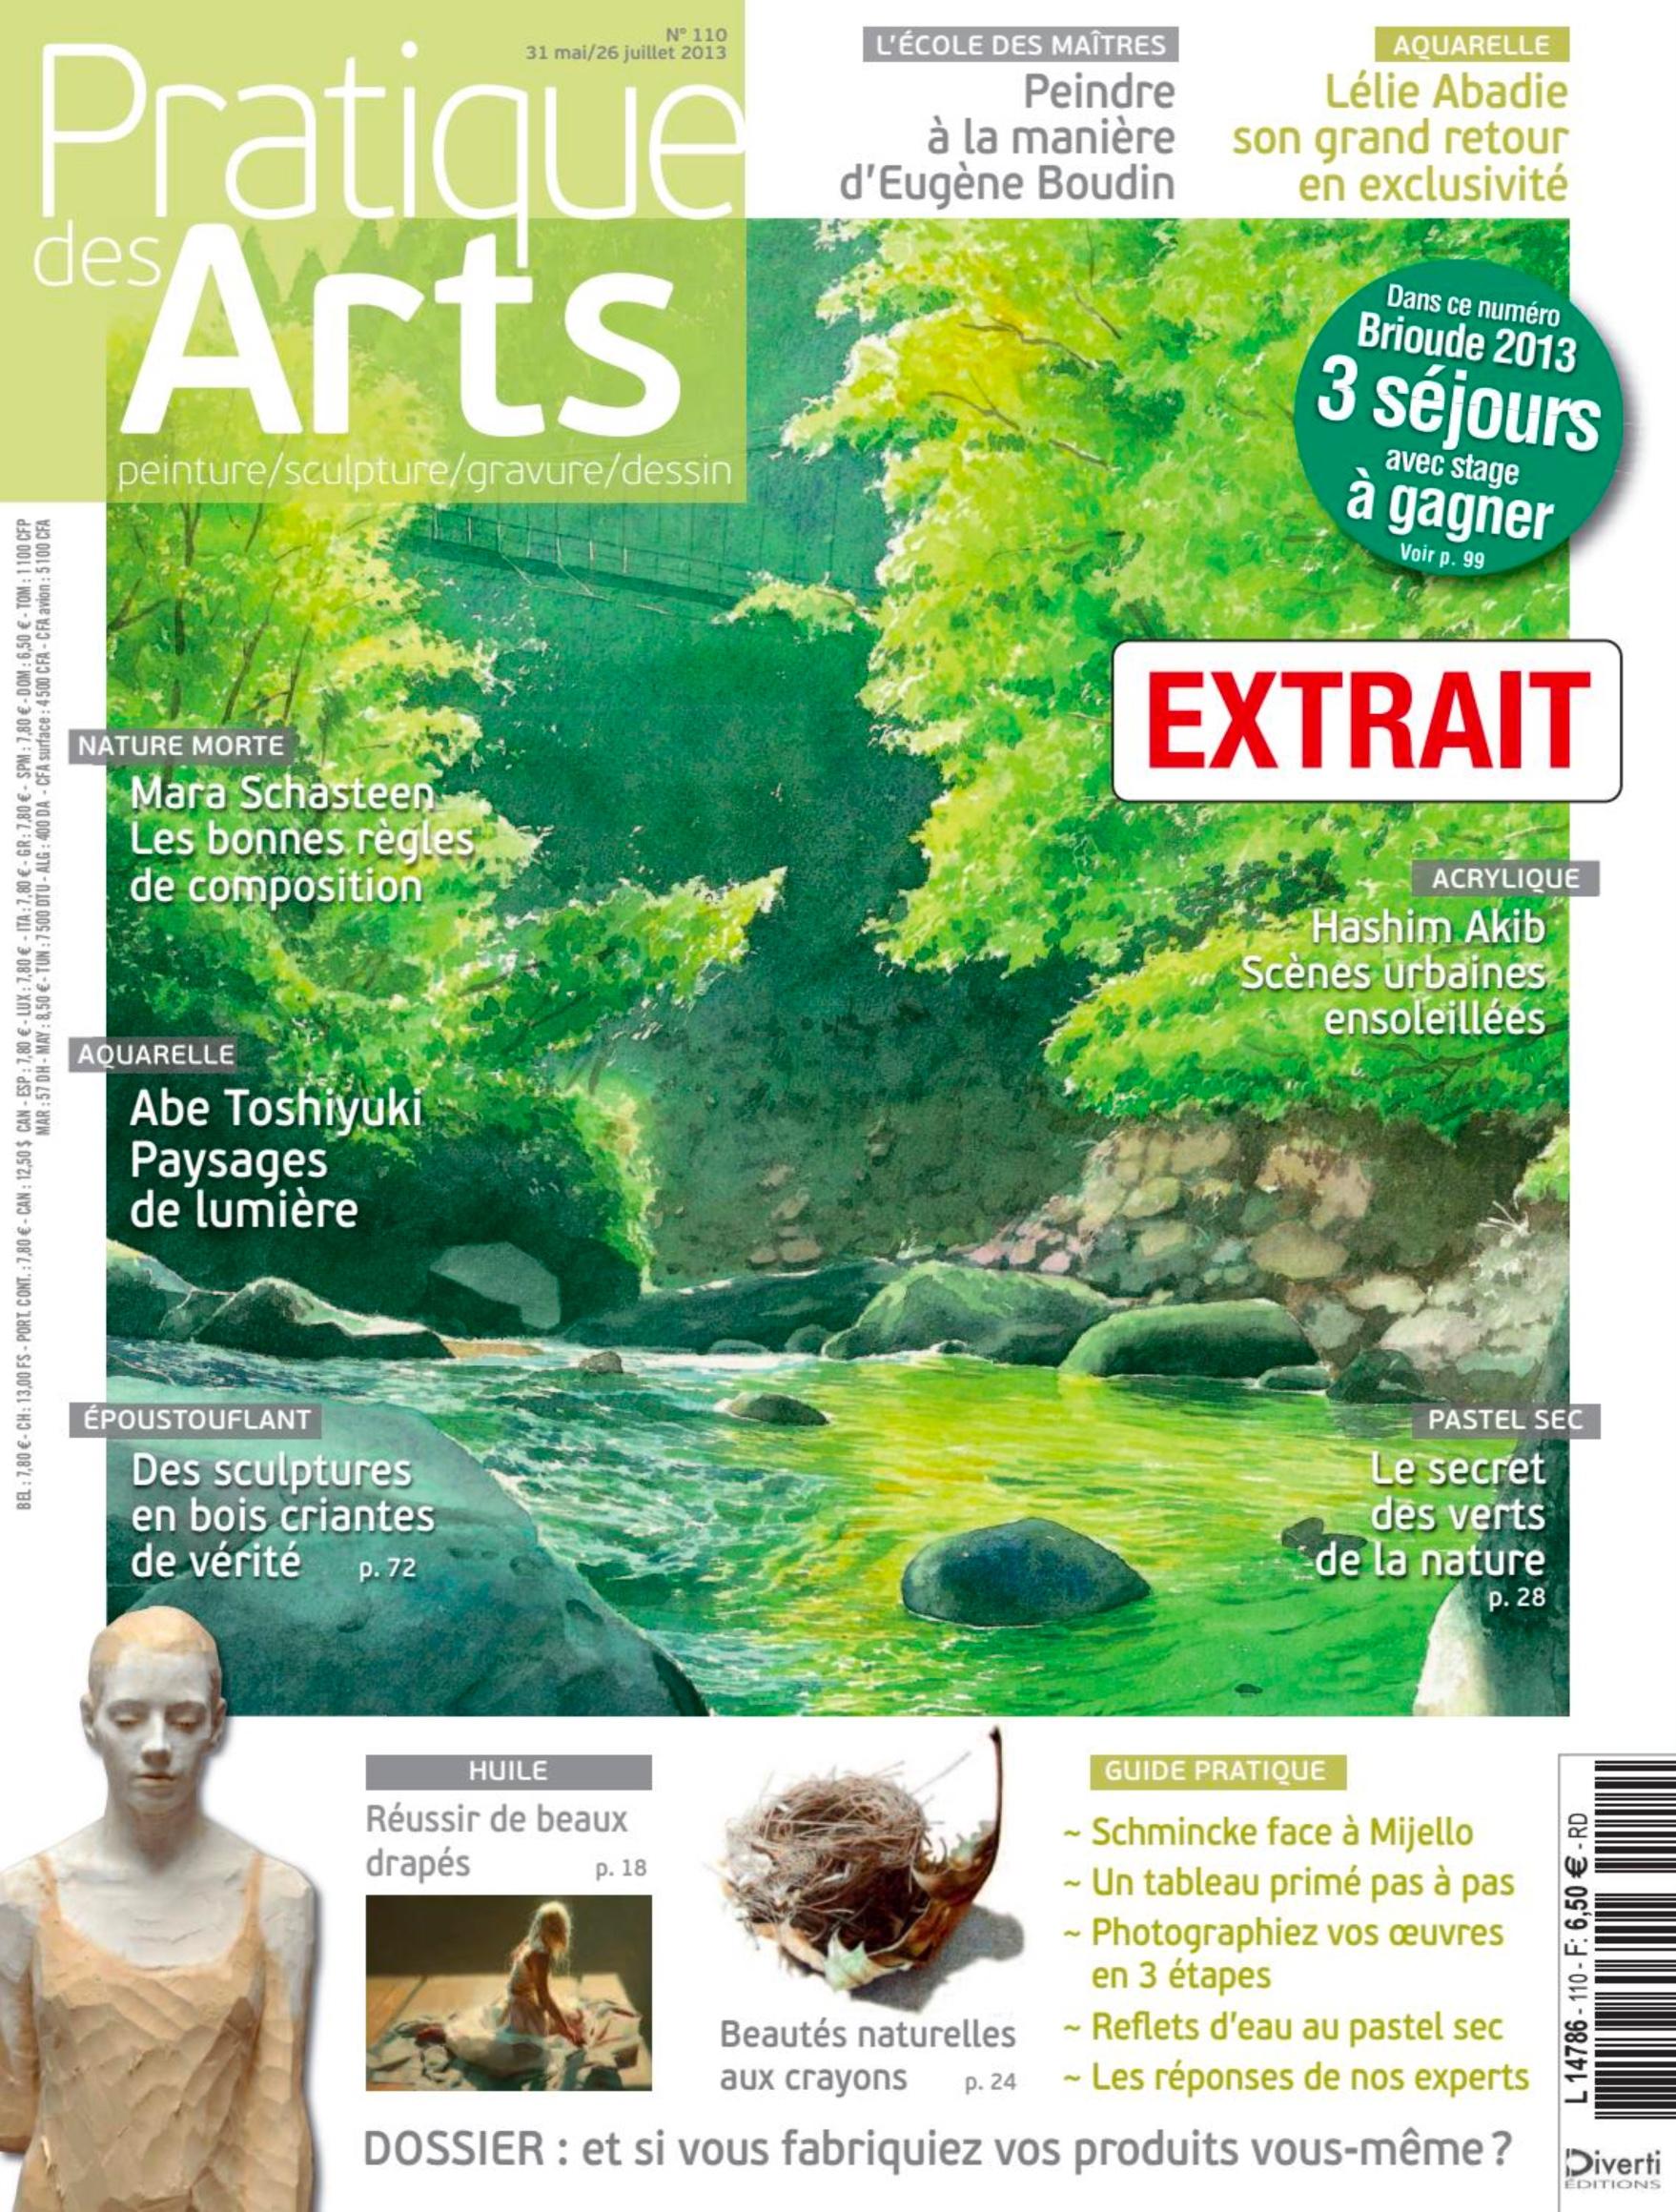 Pratiques des Arts - magazine n°110